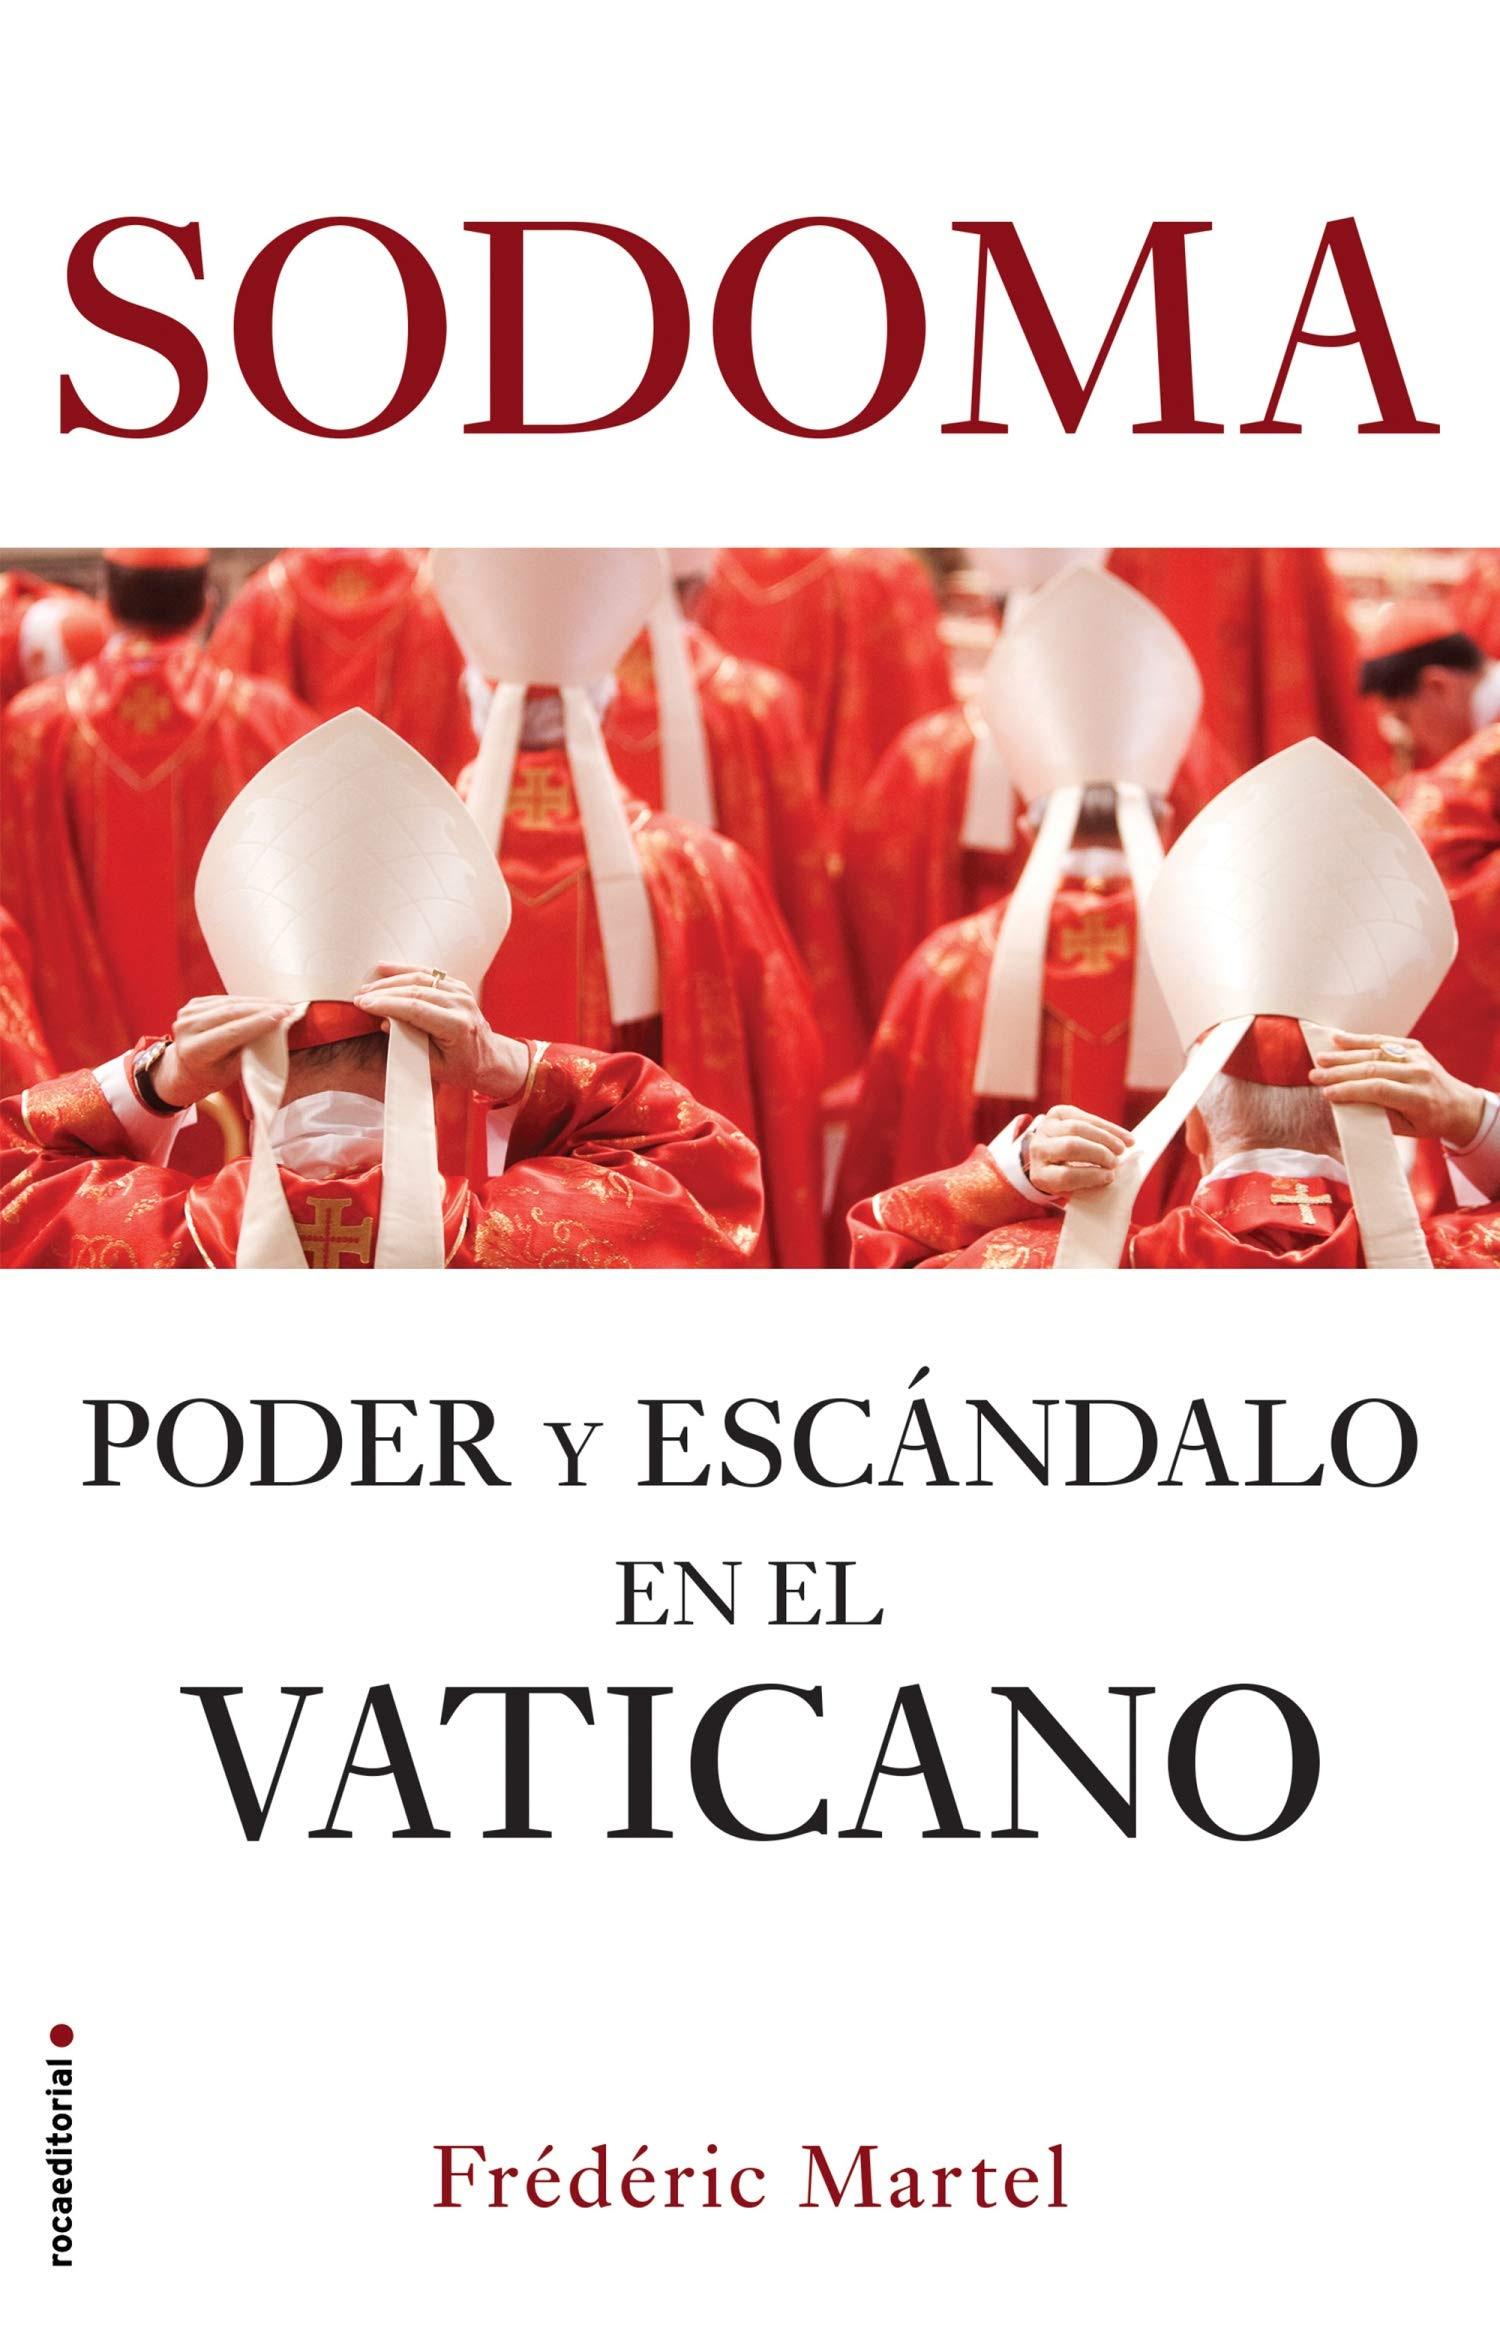 Resultado de imagen para sodoma poder y escandalo en el vaticano